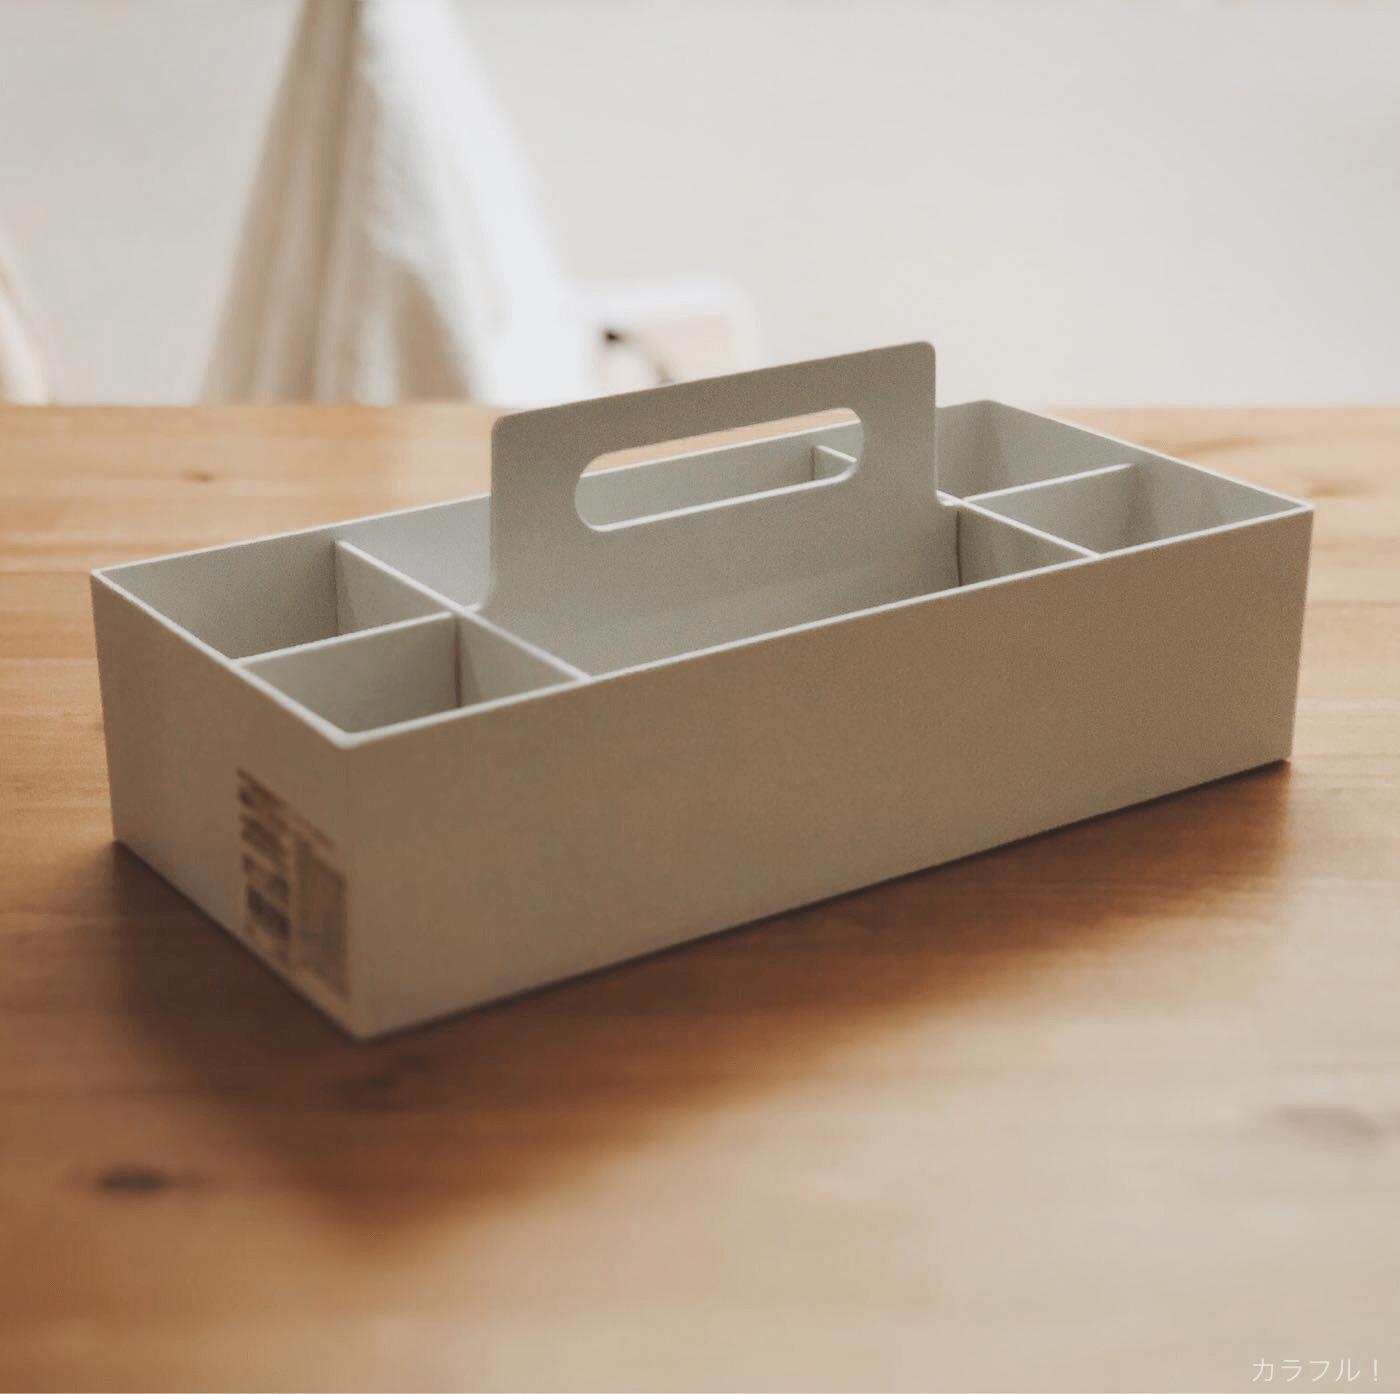 無印良品 ポリプロピレンキャリーボックス・ロック付の画像